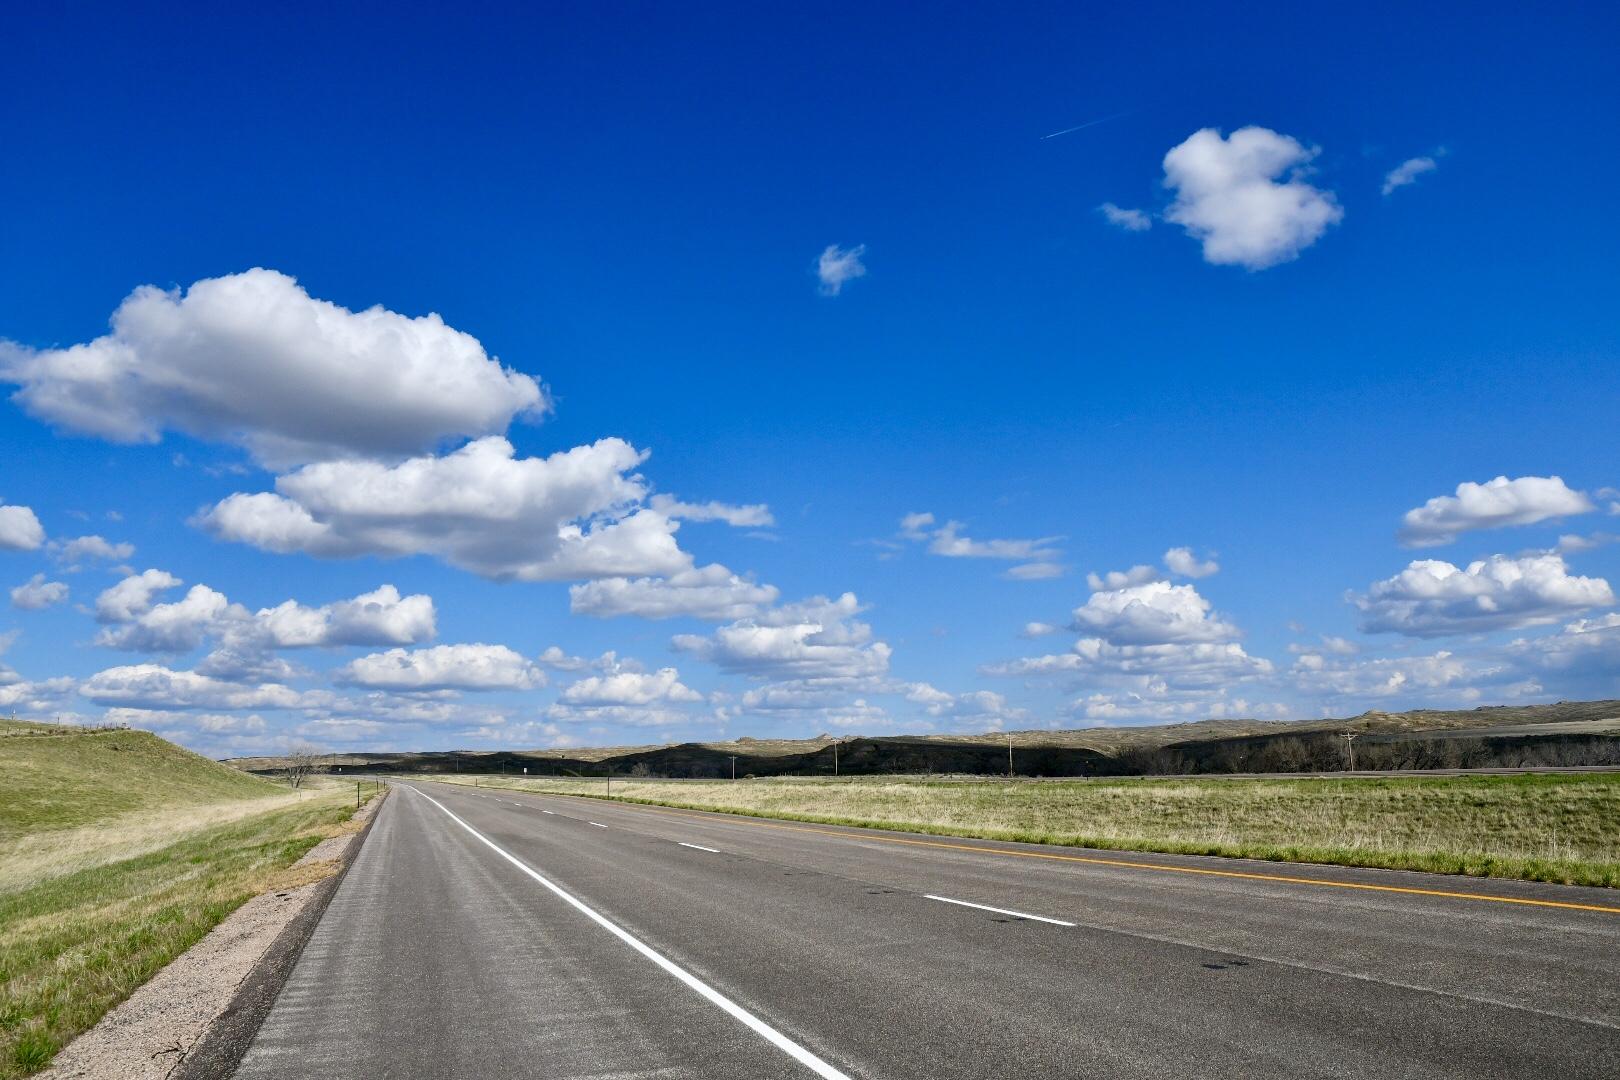 blauer Himmel, weiße Wolken, grüne Hügel, graue Straße - das ist Wyoming